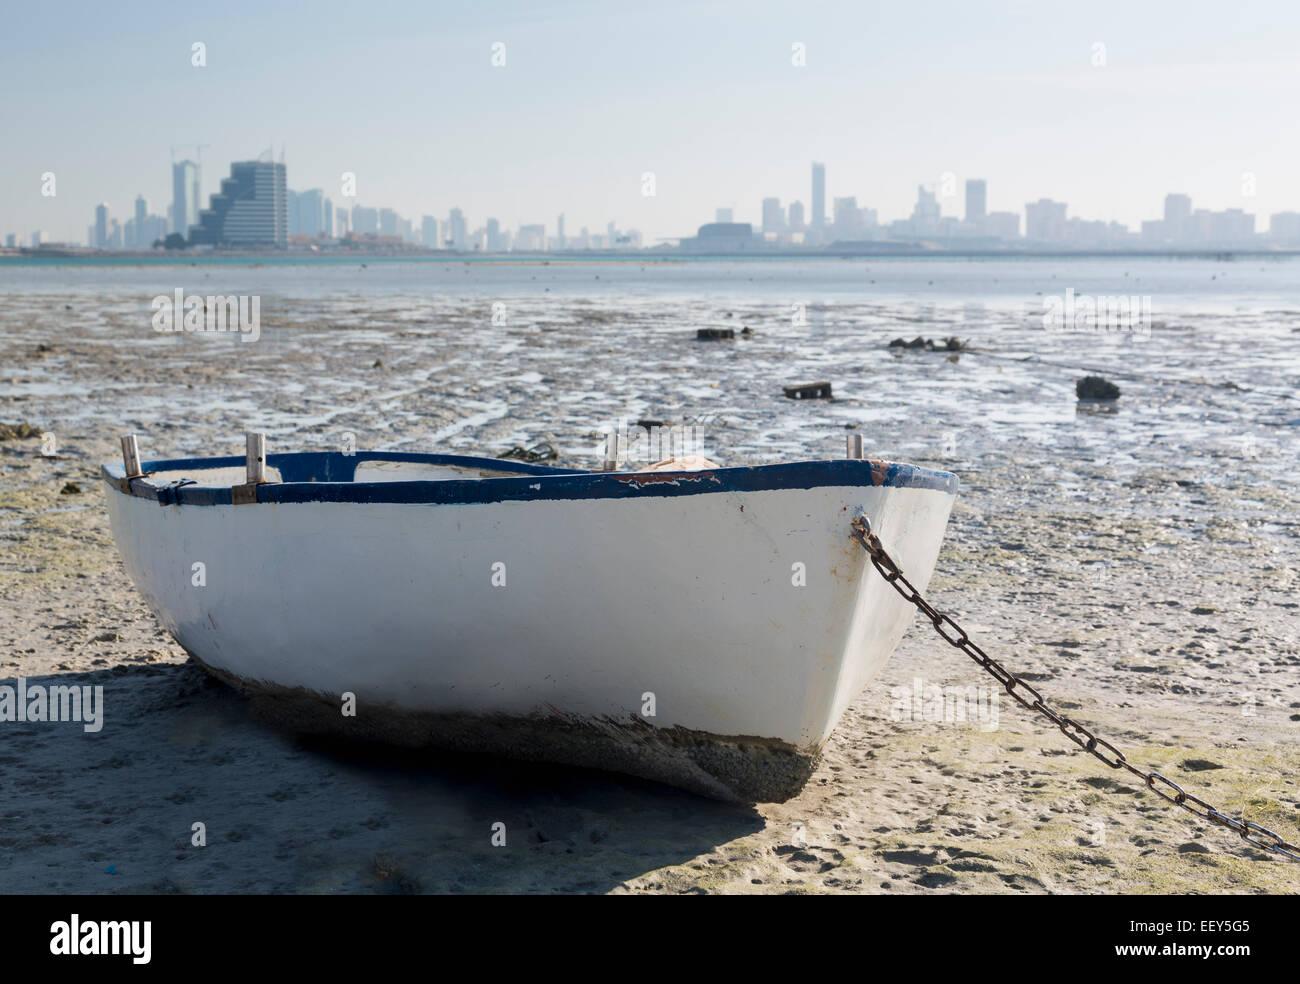 Le bateau de pêche avec vue sur bord de Manama, Bahreïn, Moyen-Orient Photo Stock